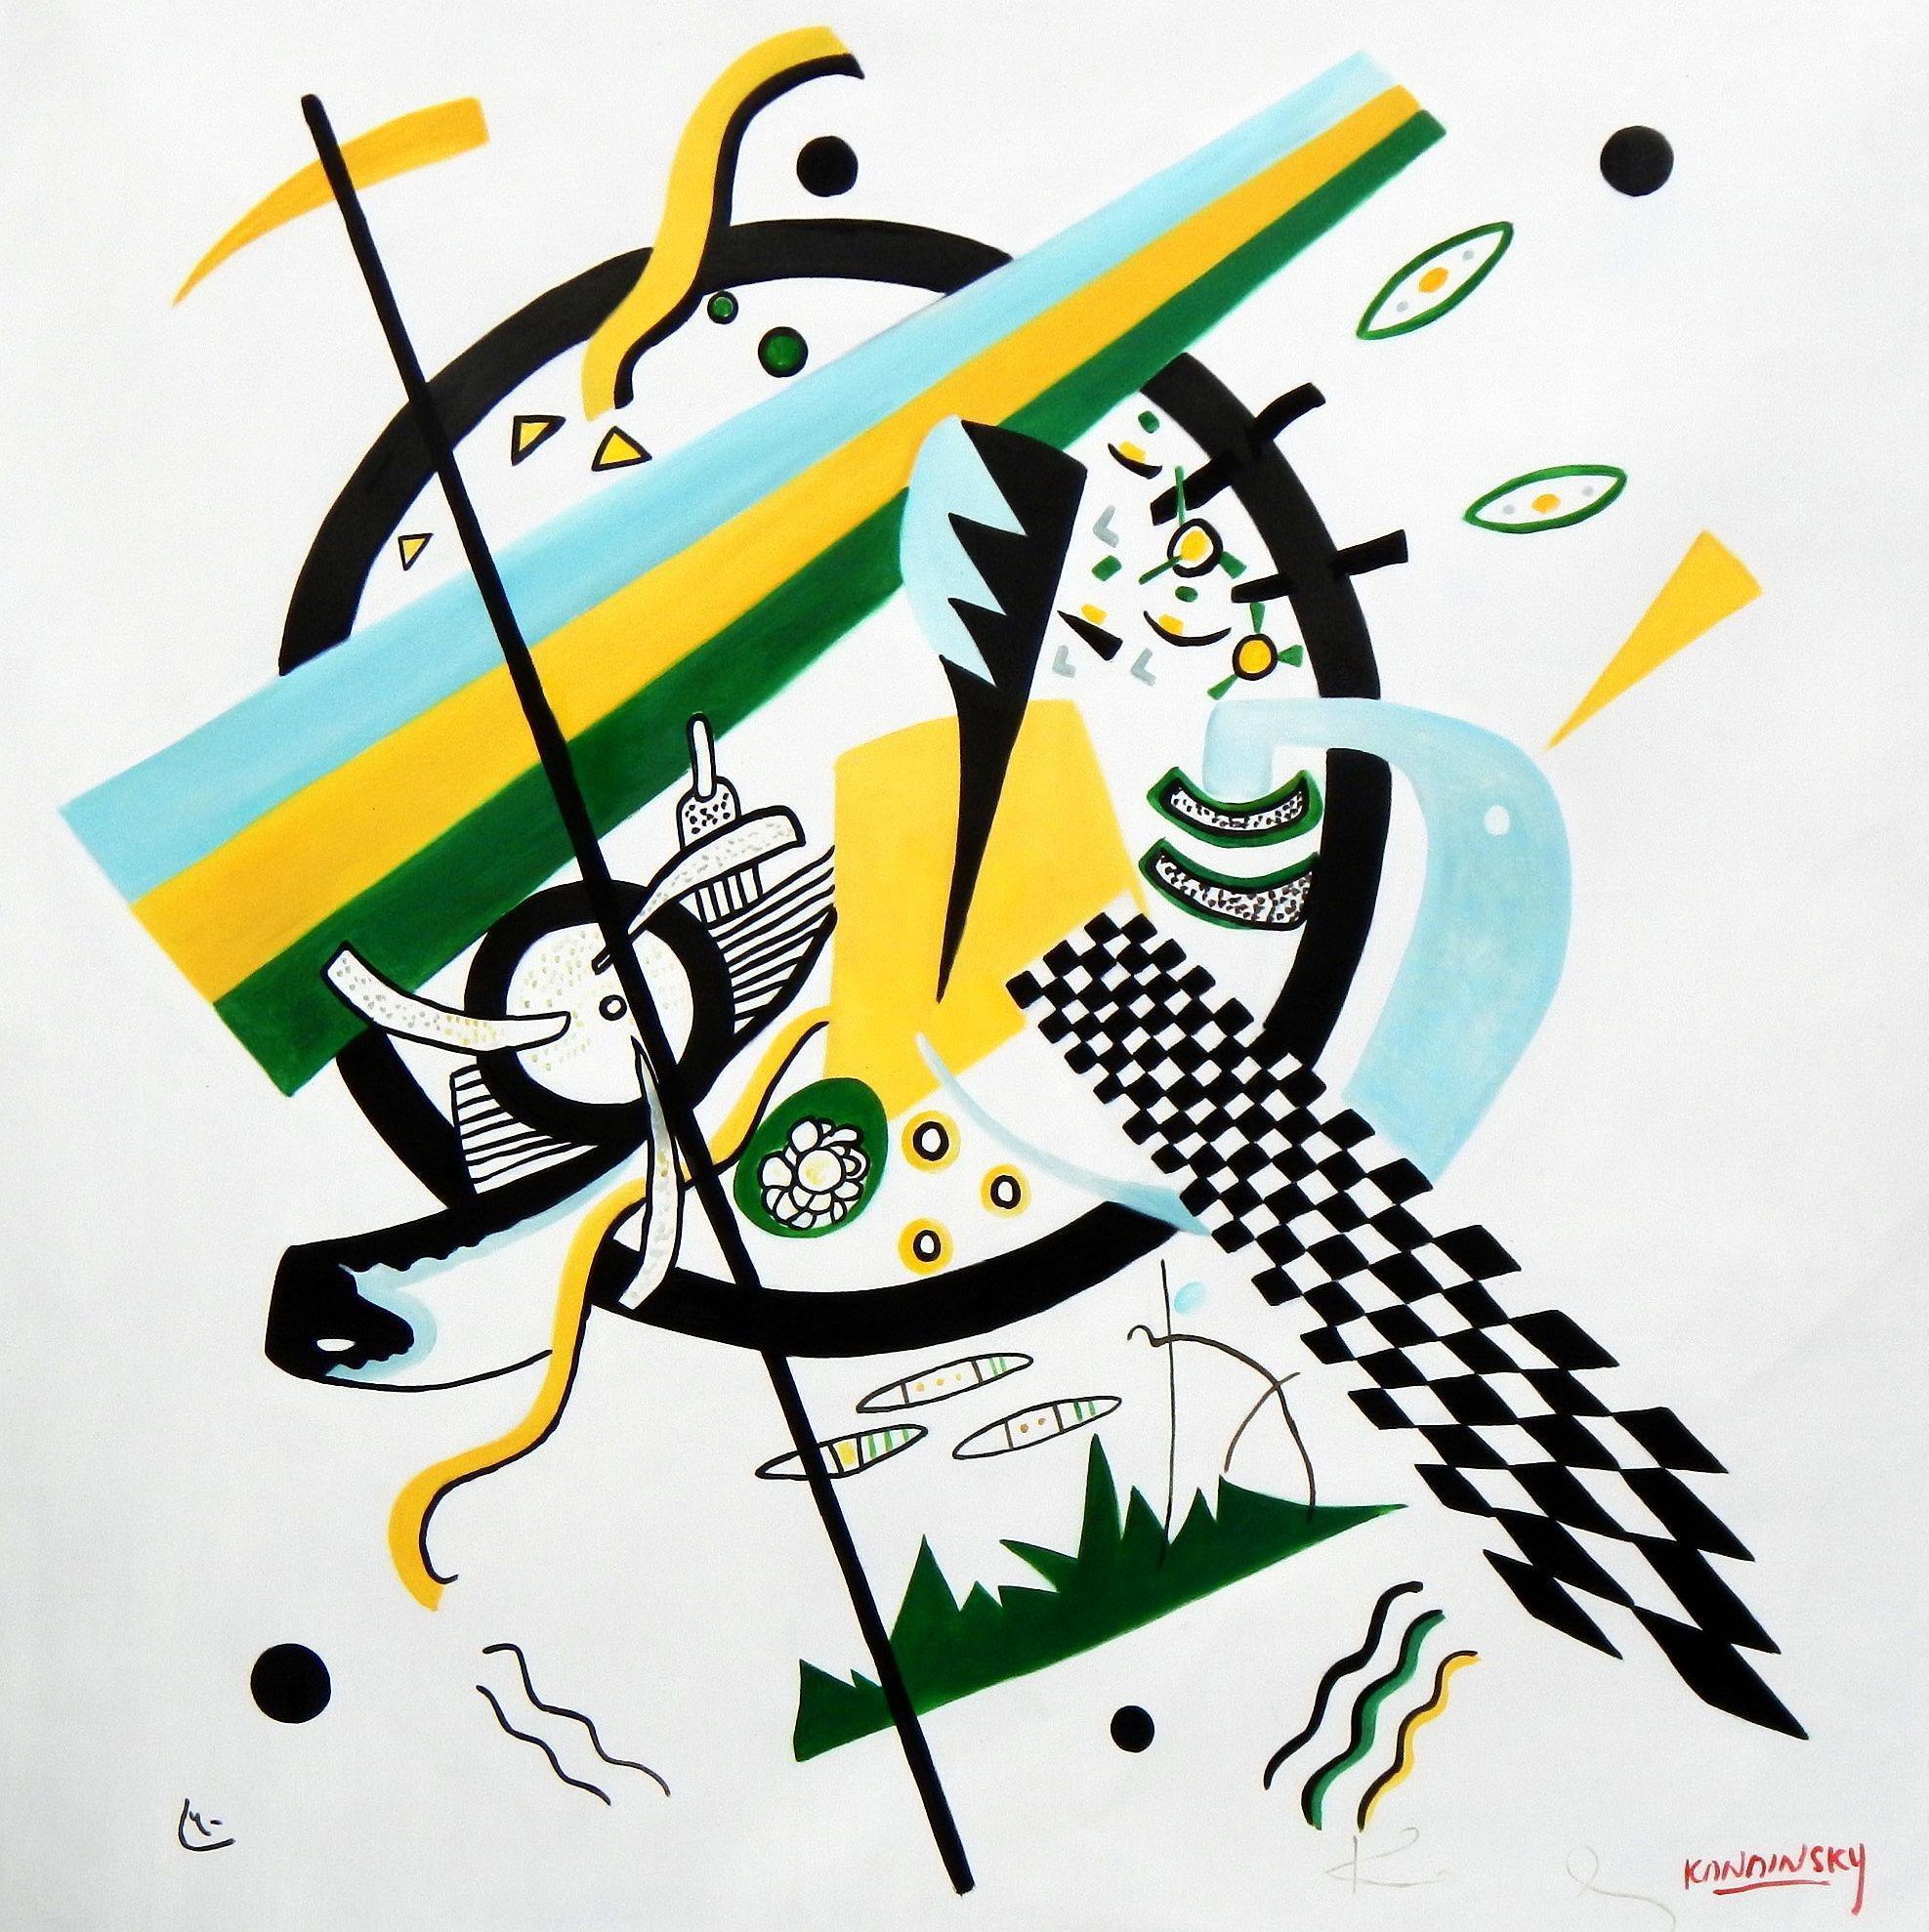 Wassily Kandinsky - Kleine Welten m94723 120x120cm exquisites Gemälde